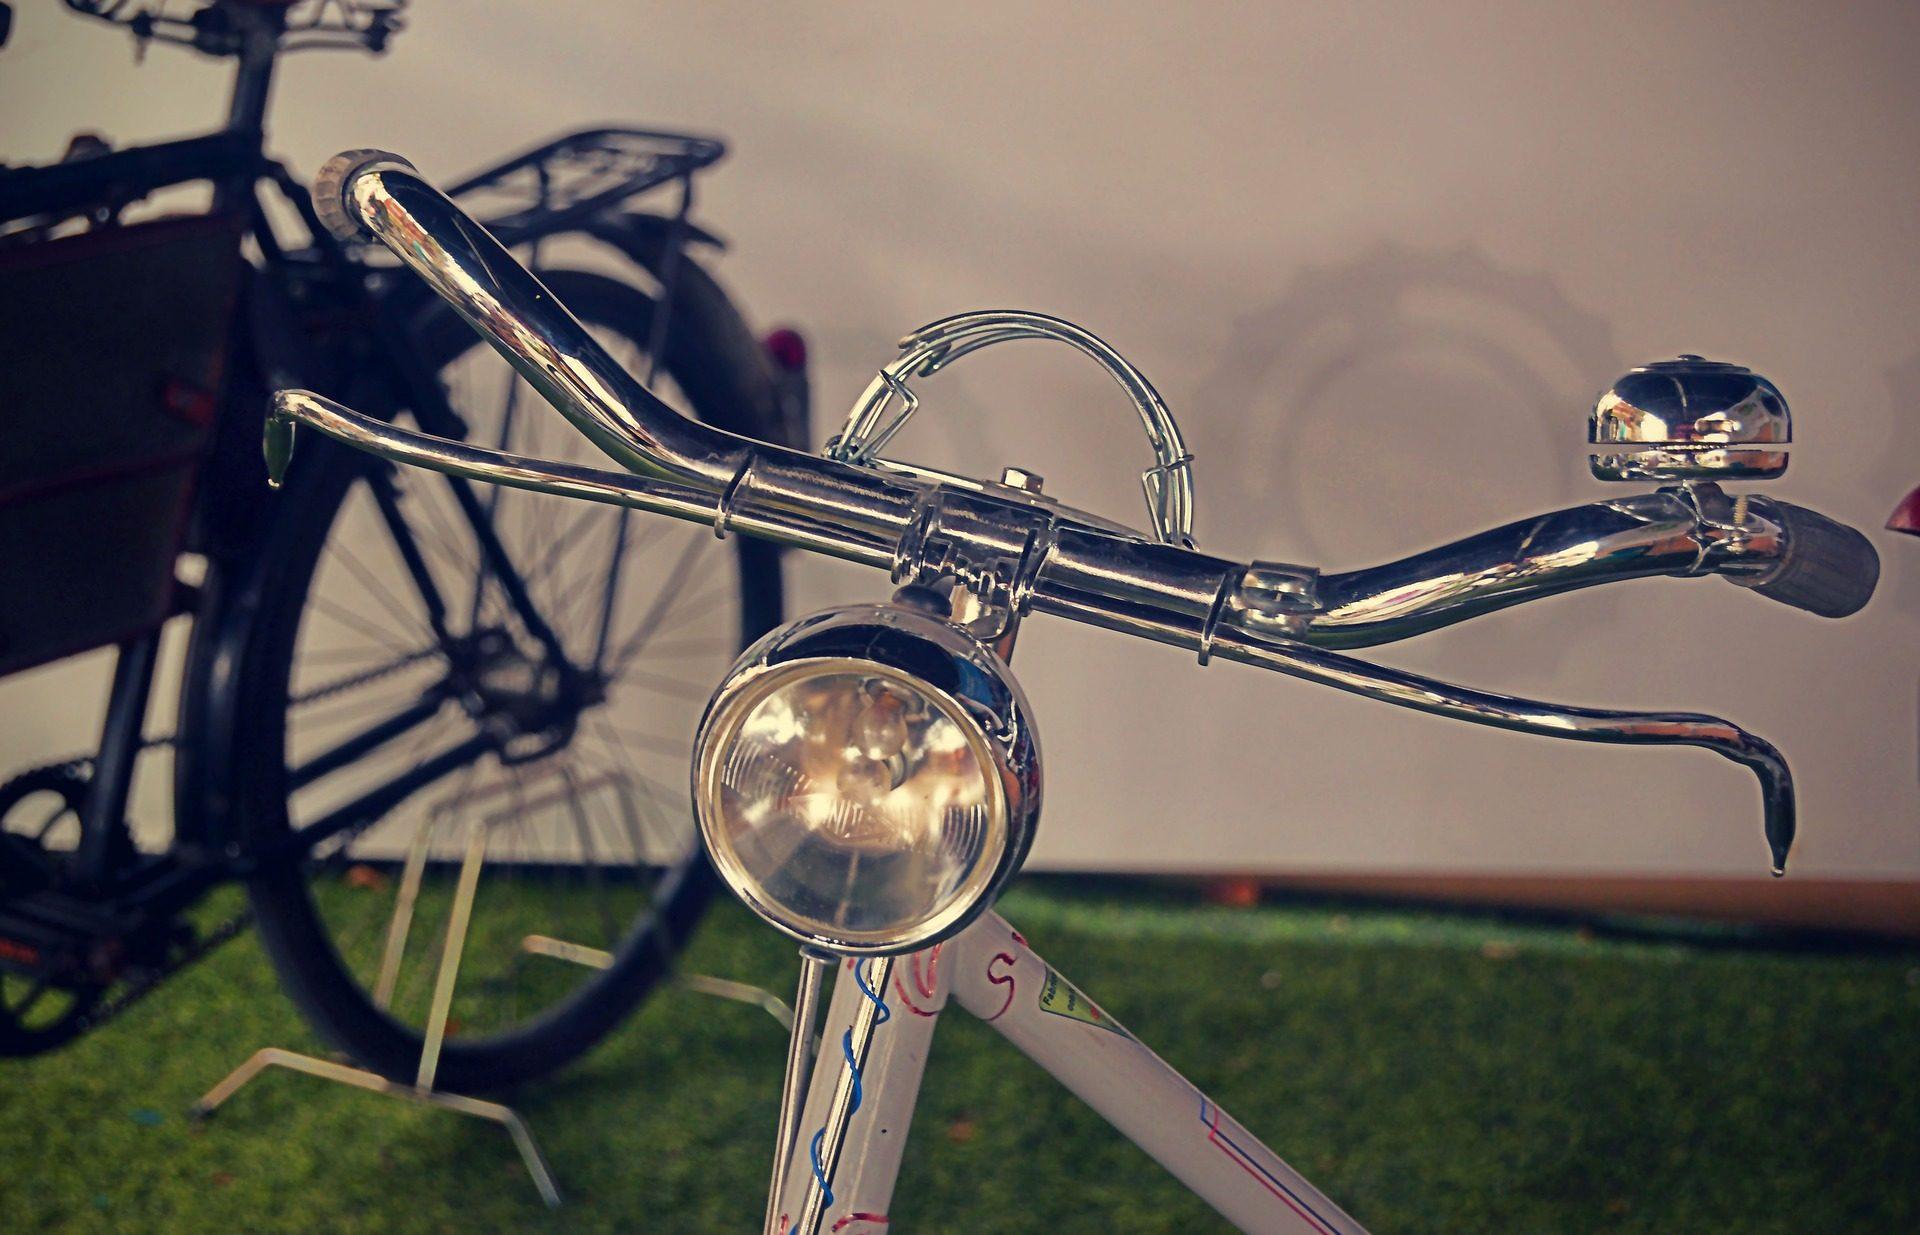 τιμόνι, Φάρος, κλοιός, φρένα, ποδήλατο - Wallpapers HD - Professor-falken.com